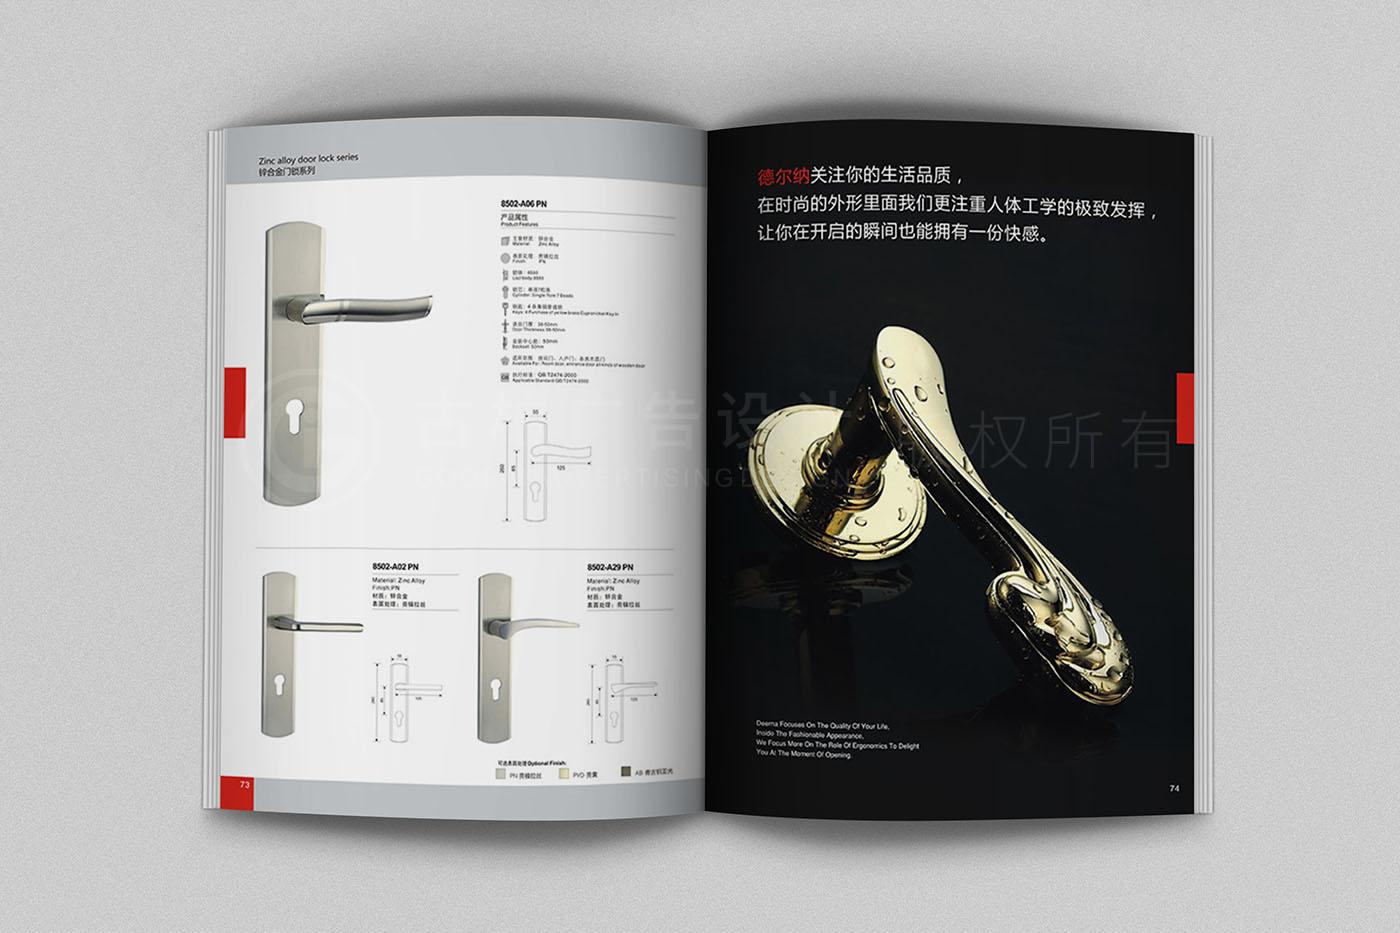 五金行业宣传册设计,五金行业宣传册设计公司